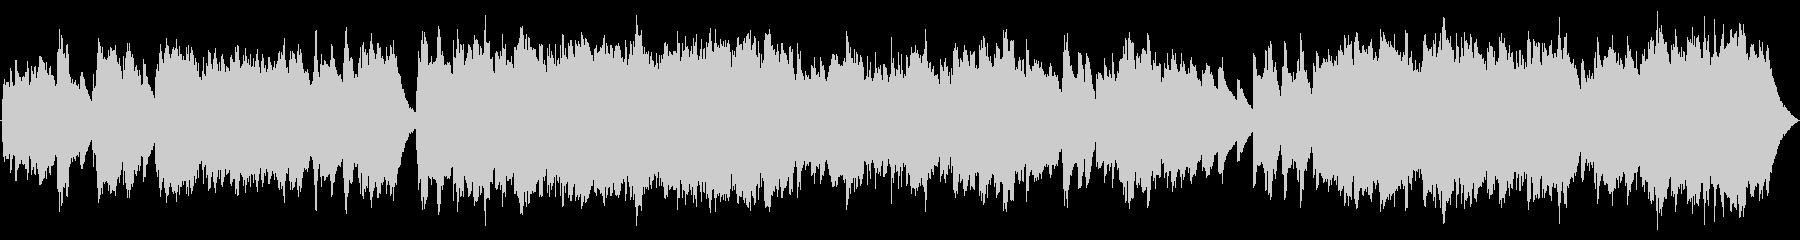 交響曲7提示部/ベートーベン・オルゴールの未再生の波形